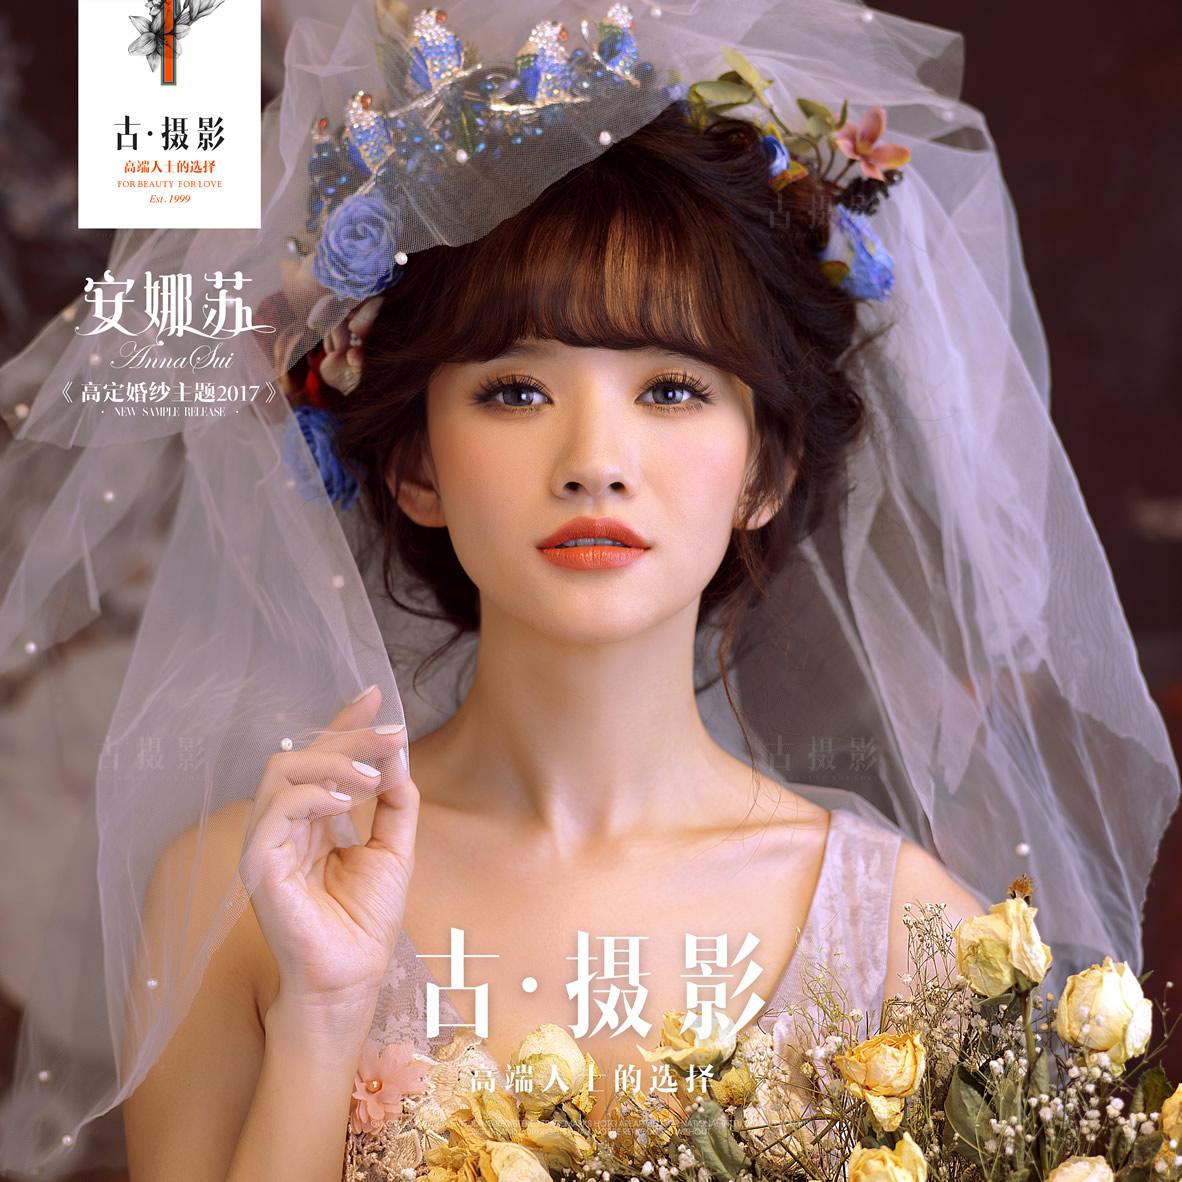 安娜苏 - 明星范 - 广州婚纱摄影-广州古摄影官网